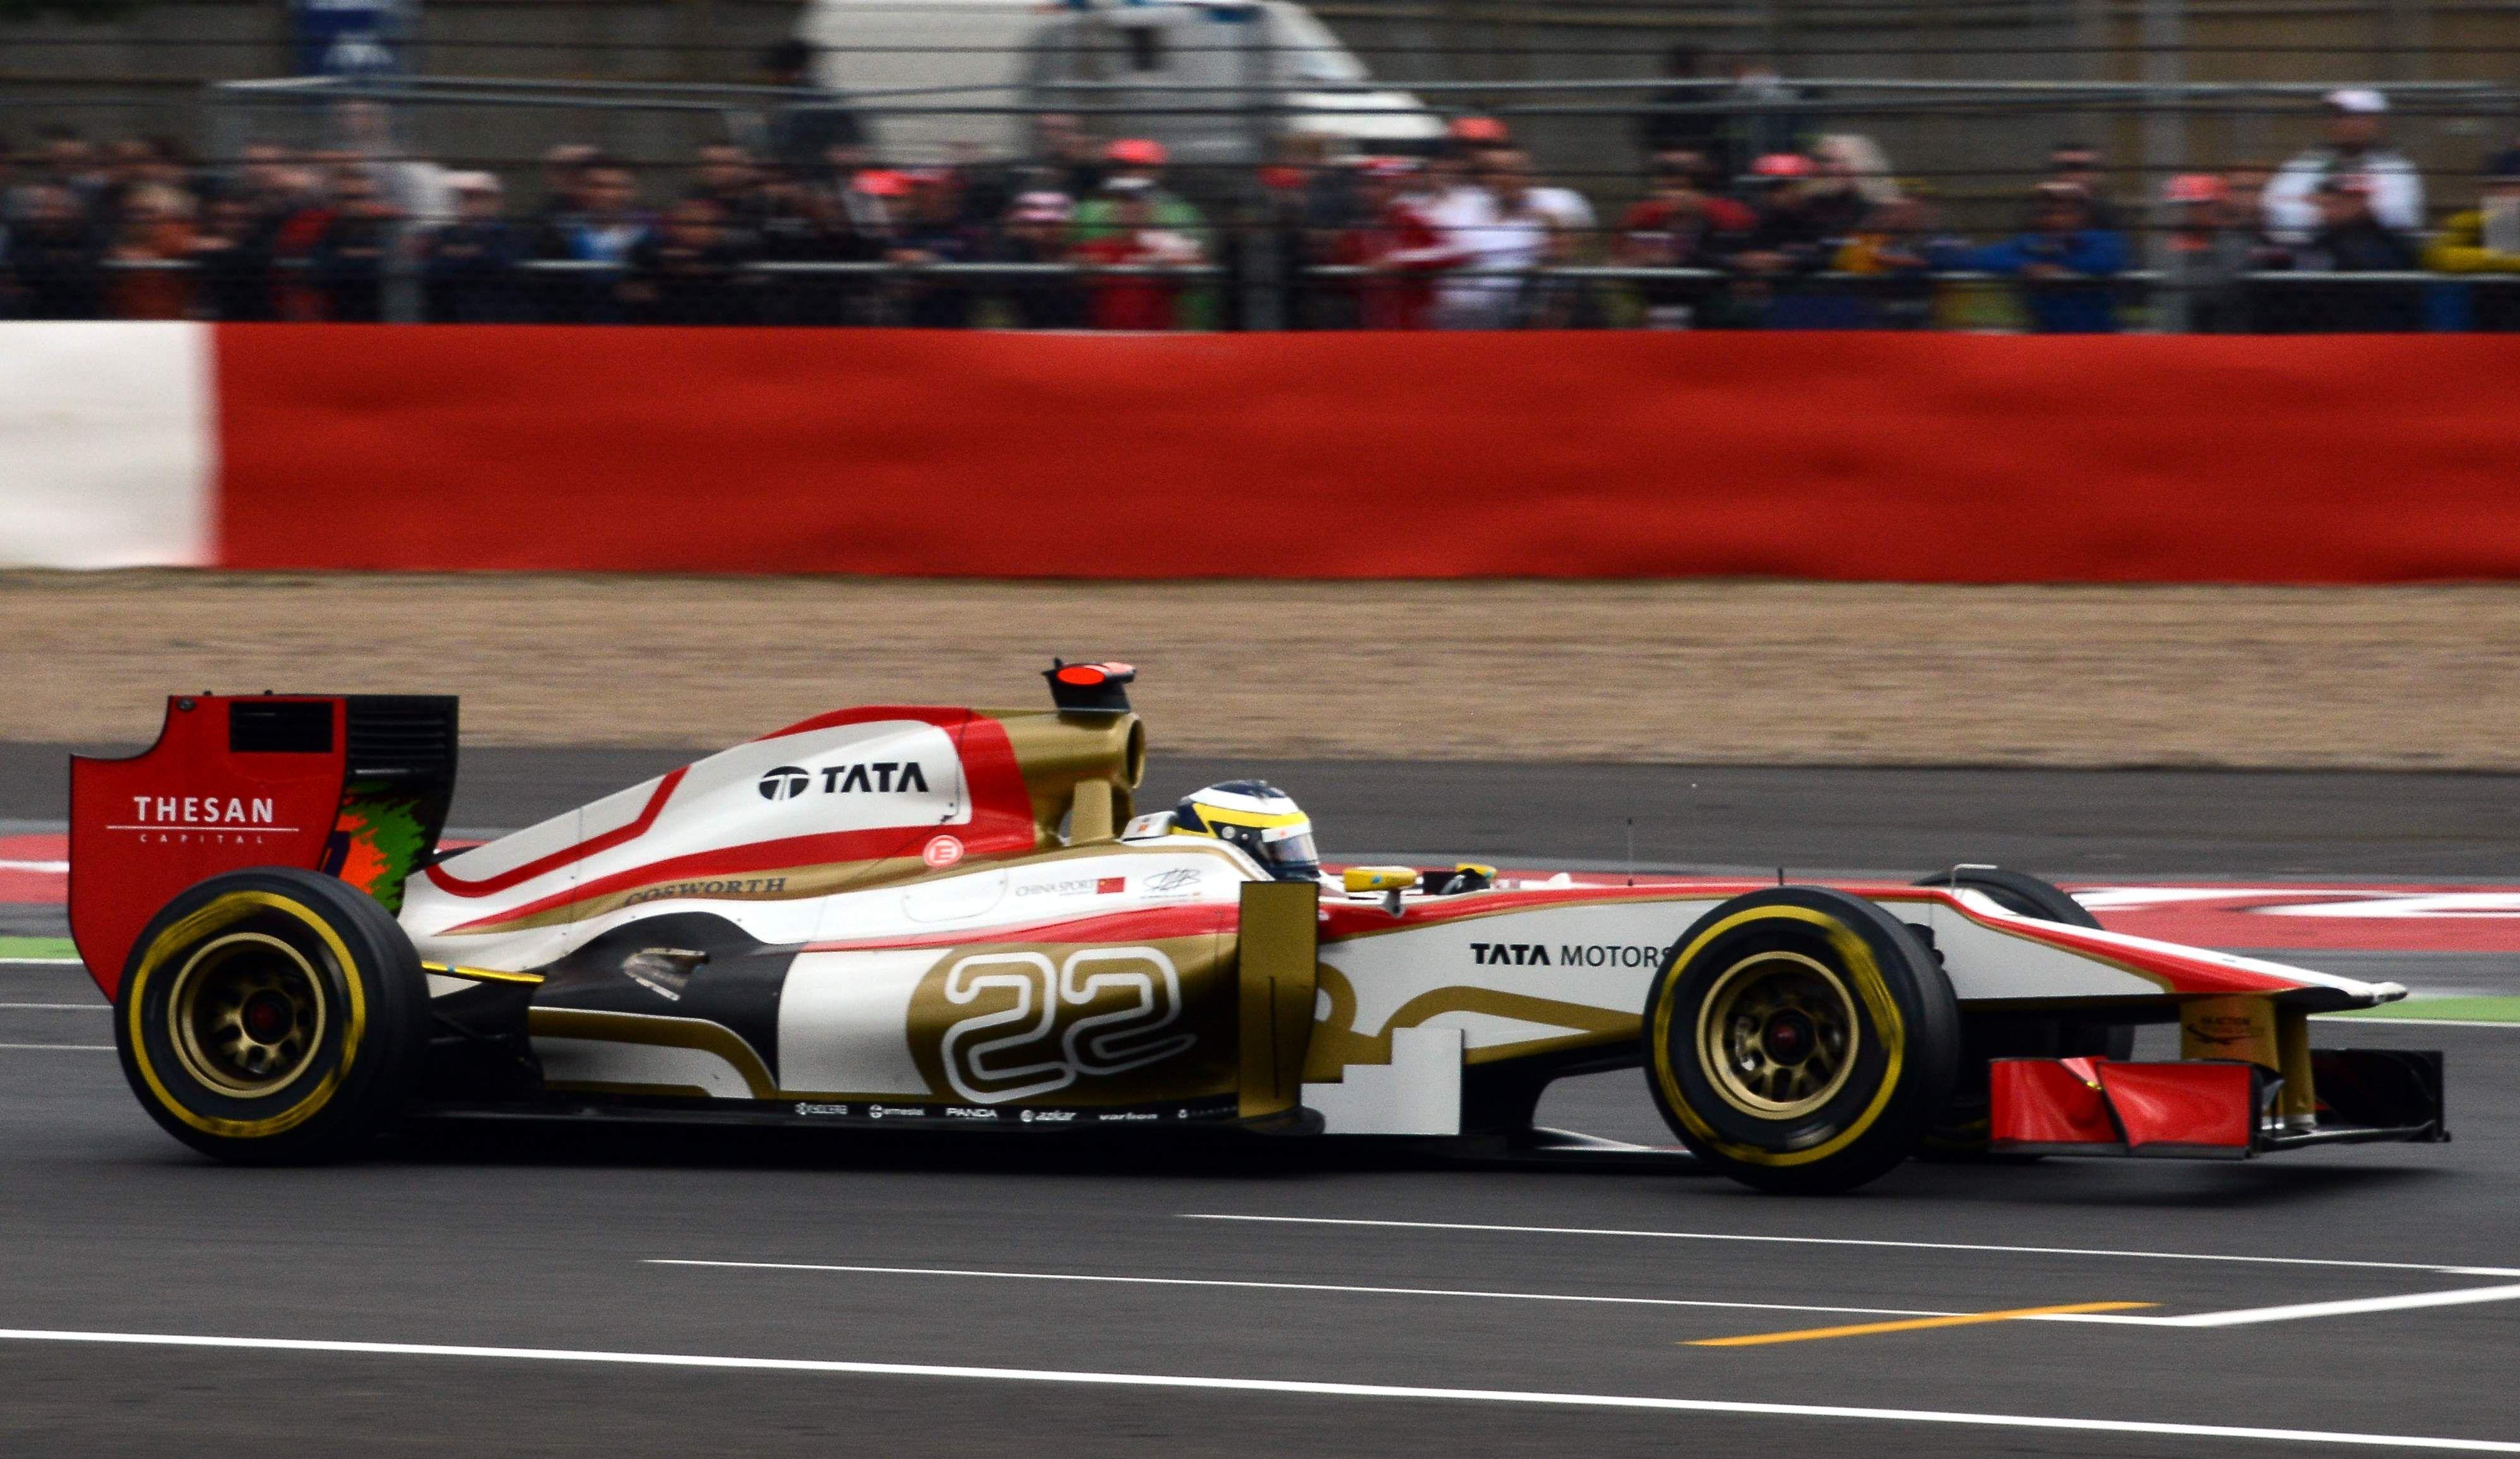 ¿Con cuántos pilotos contó el equipo español HRT a lo largo de su existéncia?